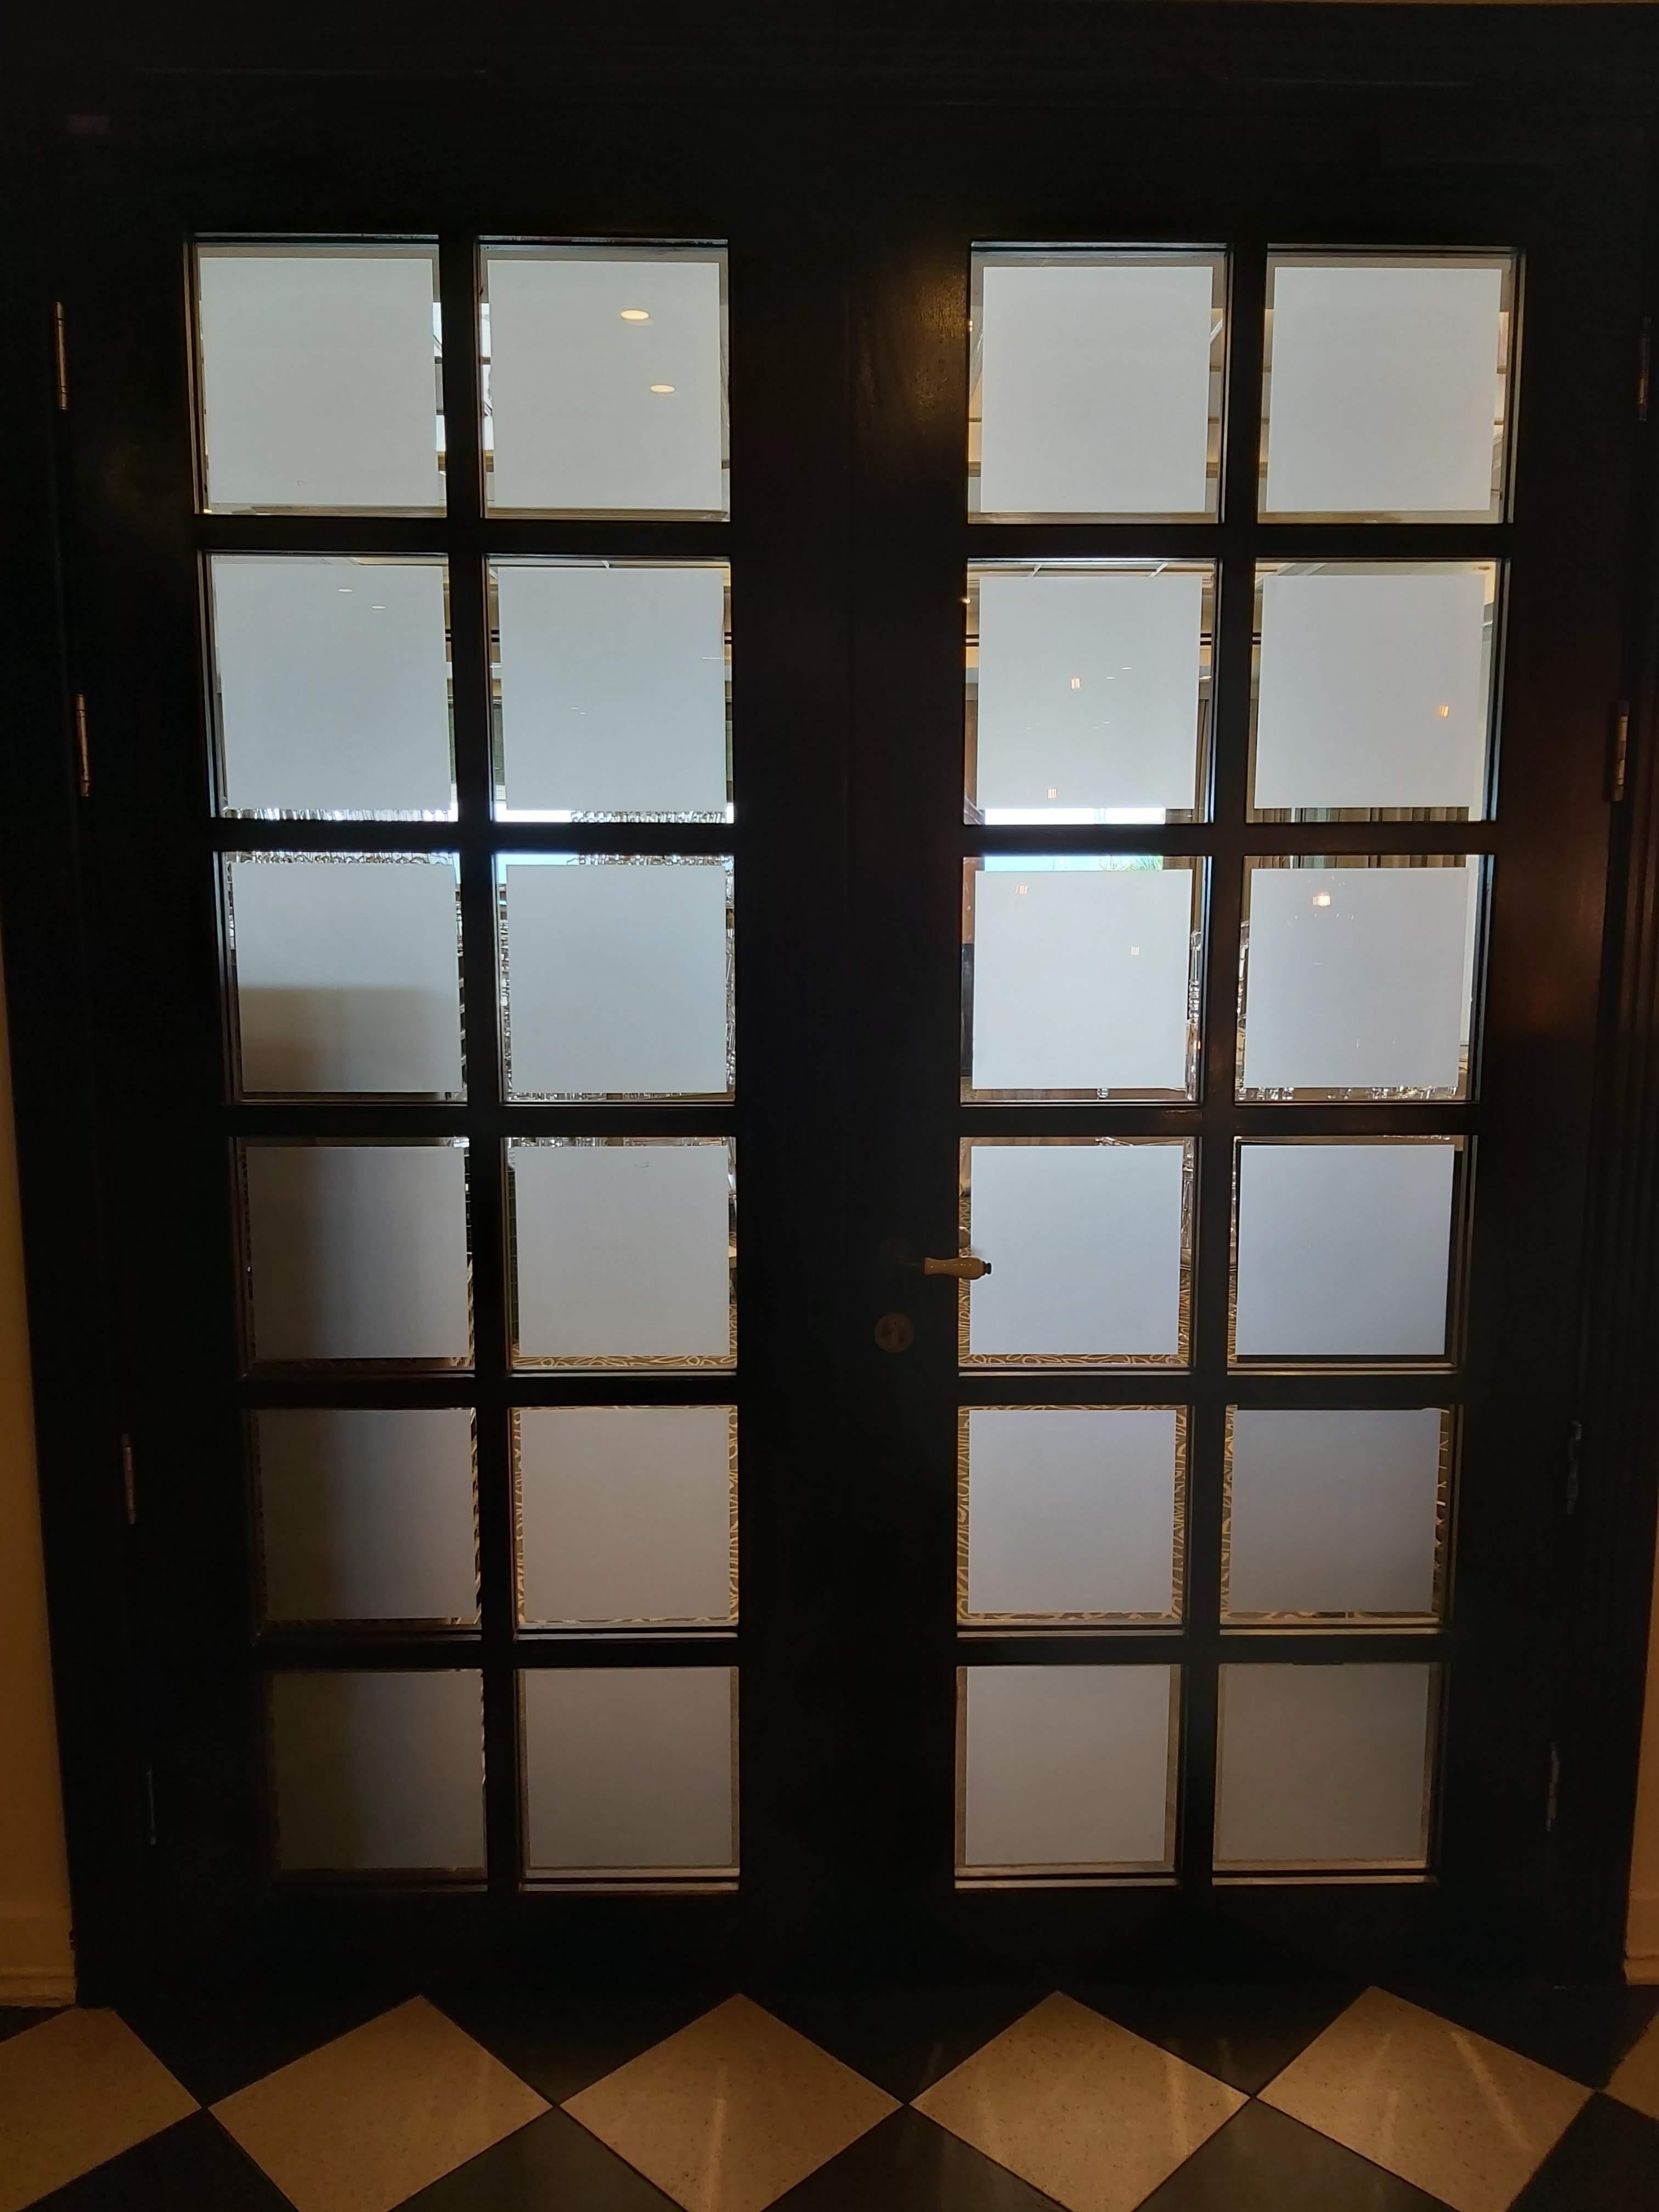 עיצוב דלתות עץ במלון הרודס תל אביב